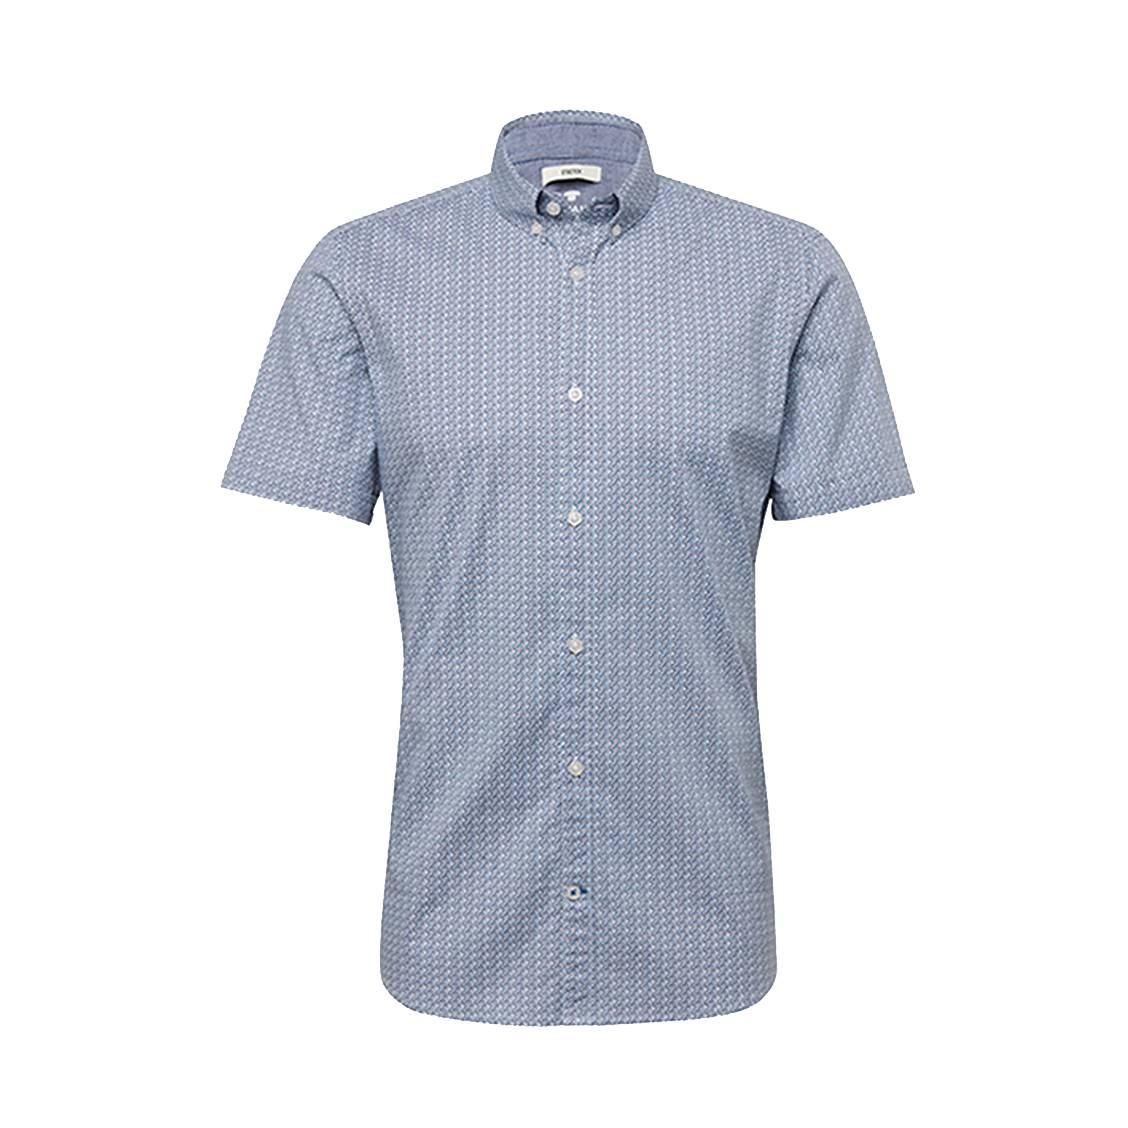 Chemise ajustée manches courtes  floyd en coton stretch blanche à imprimés graphiques bleus